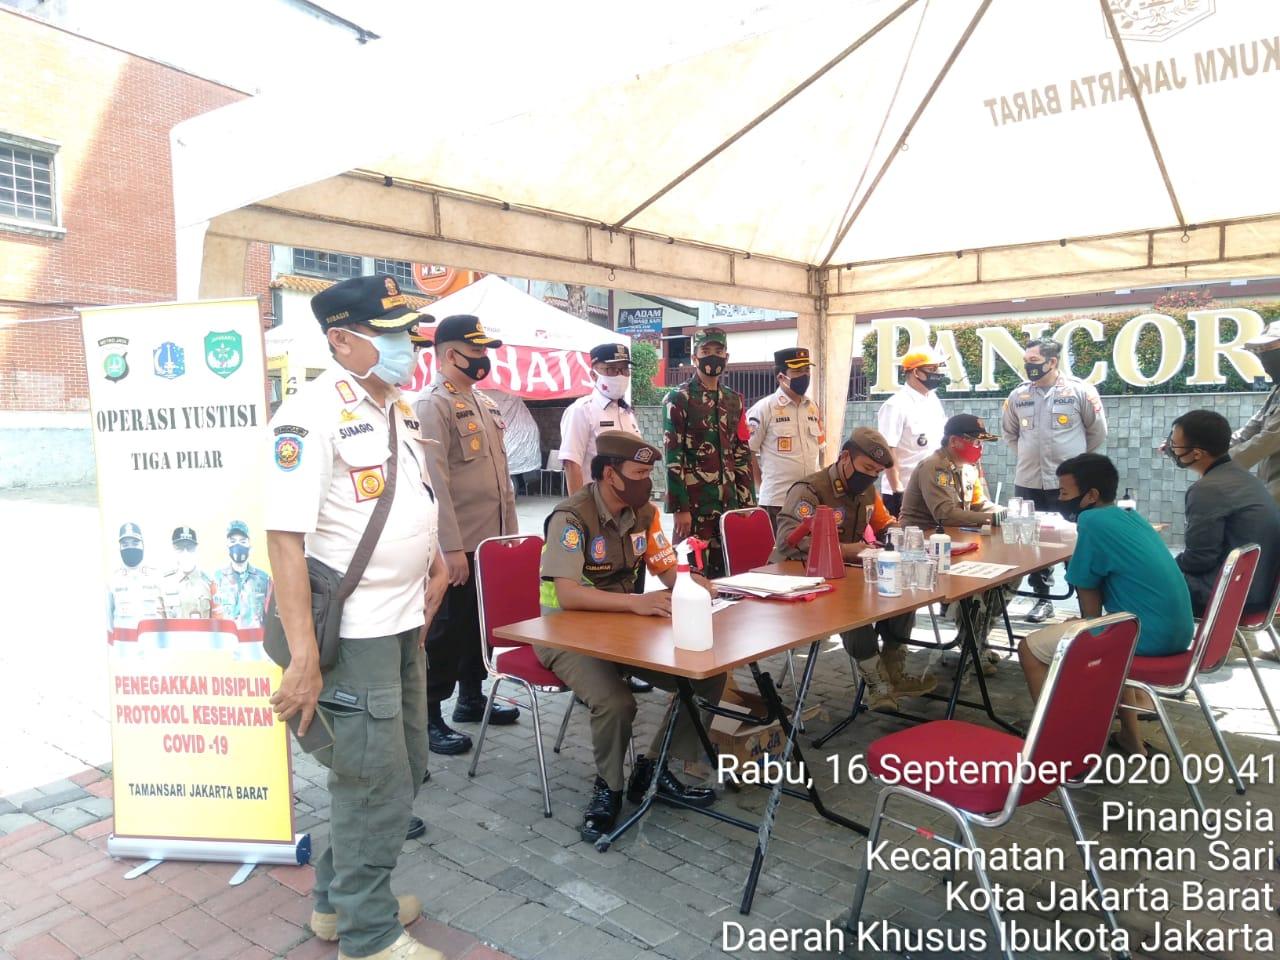 Jajaran 3 Pilar Kecamatan Taman Sari Jakarta Barat Giat Operasi Masker